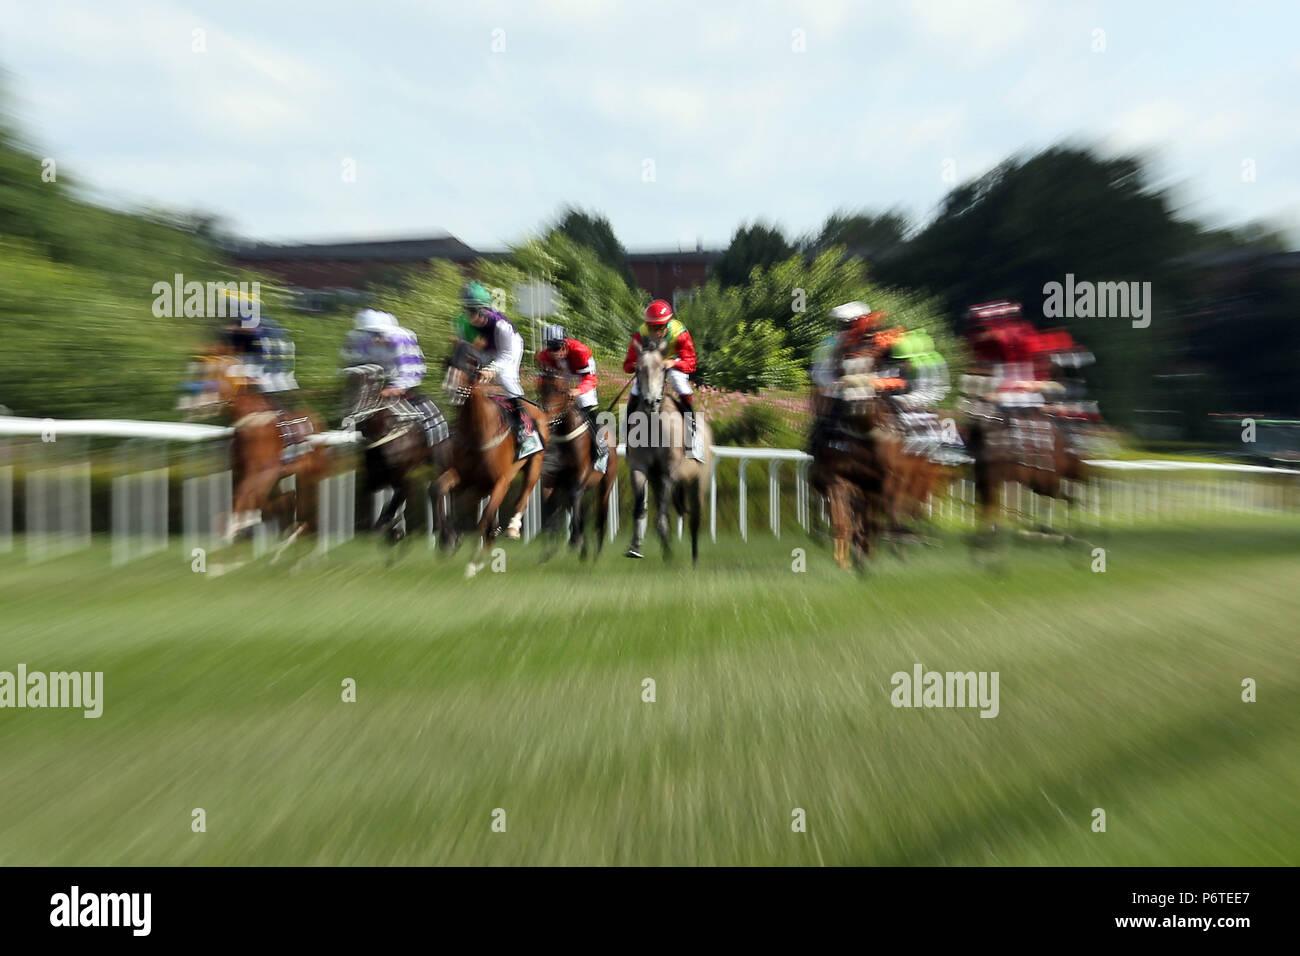 Hamburg, dynamics, horses and jockeys in the race - Stock Image